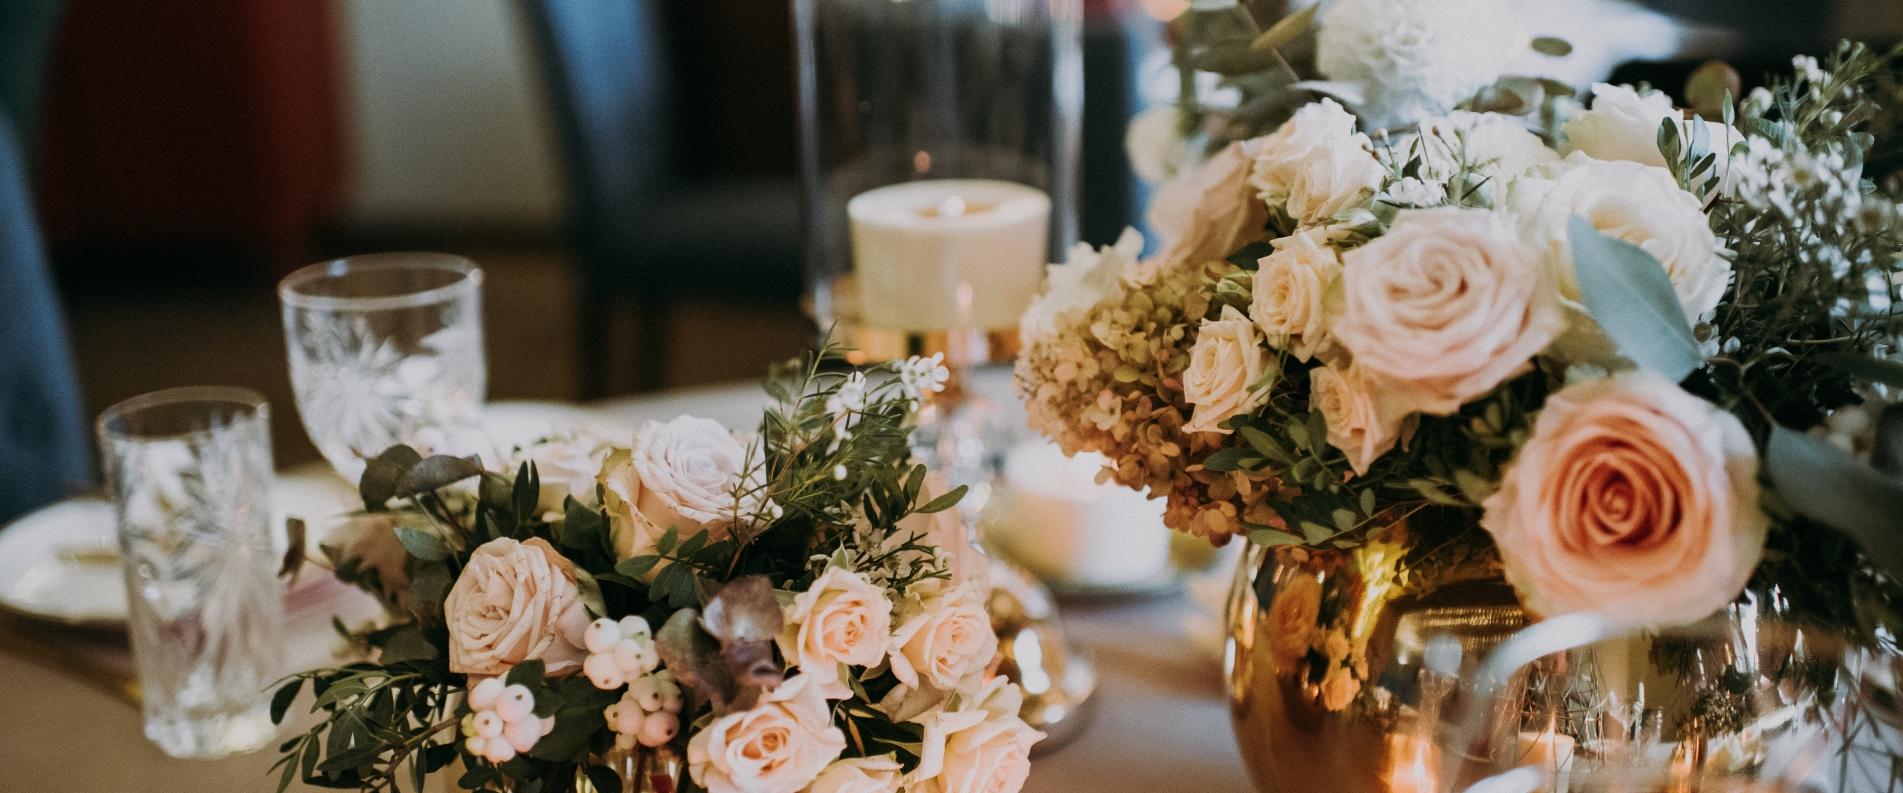 dace-haralds-by-miks-sels-weddings-699_9878-ac35ff69569f605a0913baf39a9cd30c.jpg